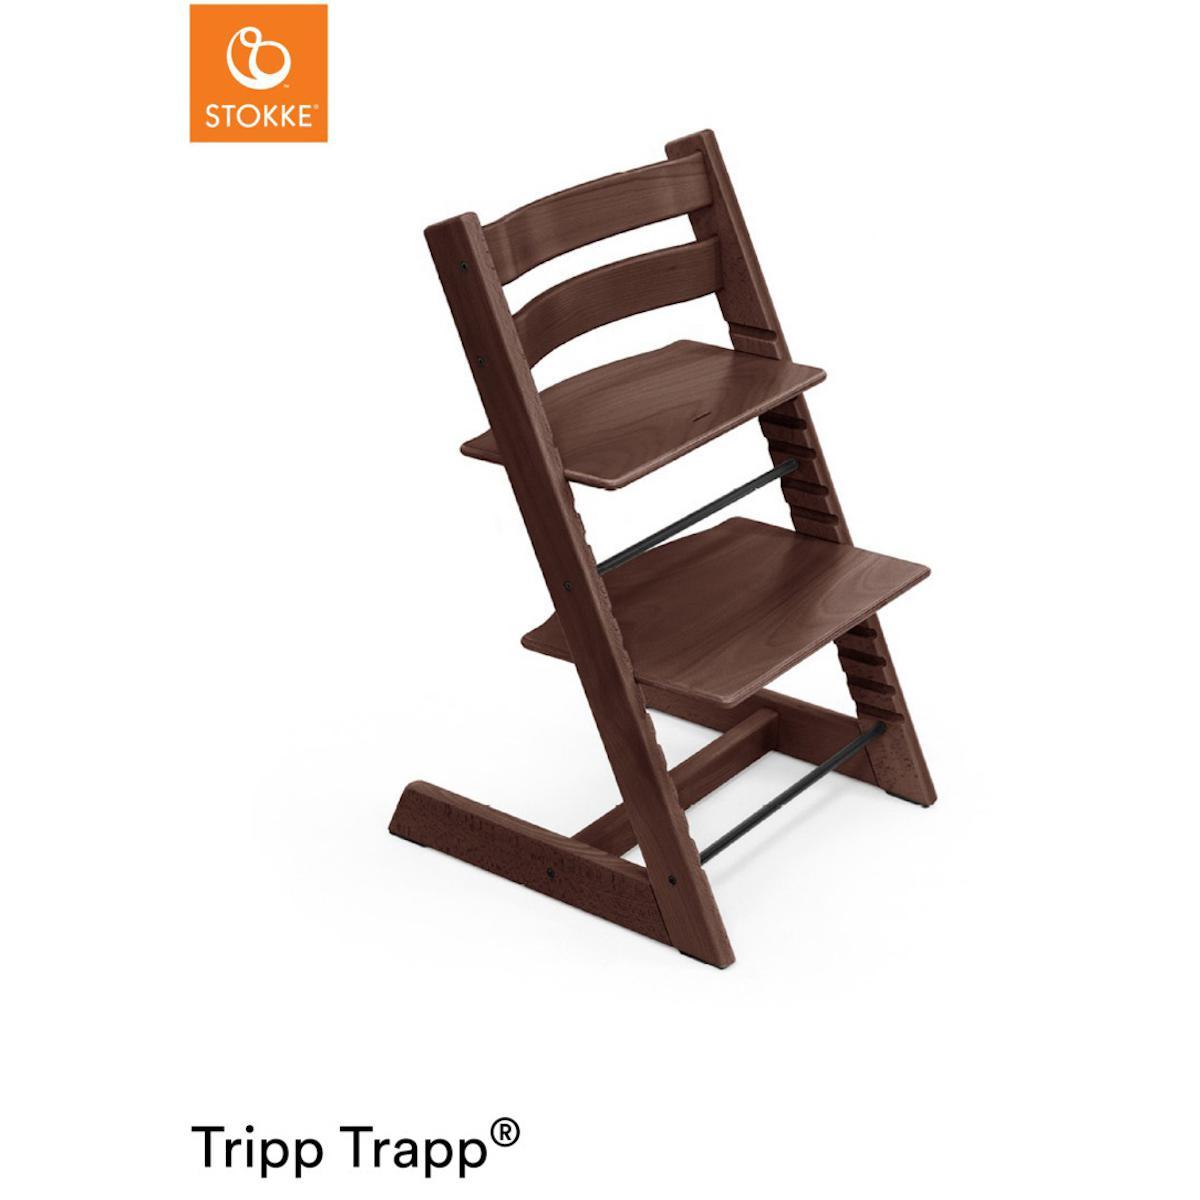 Trona bebé TRIPP TRAPP Stokke nogal